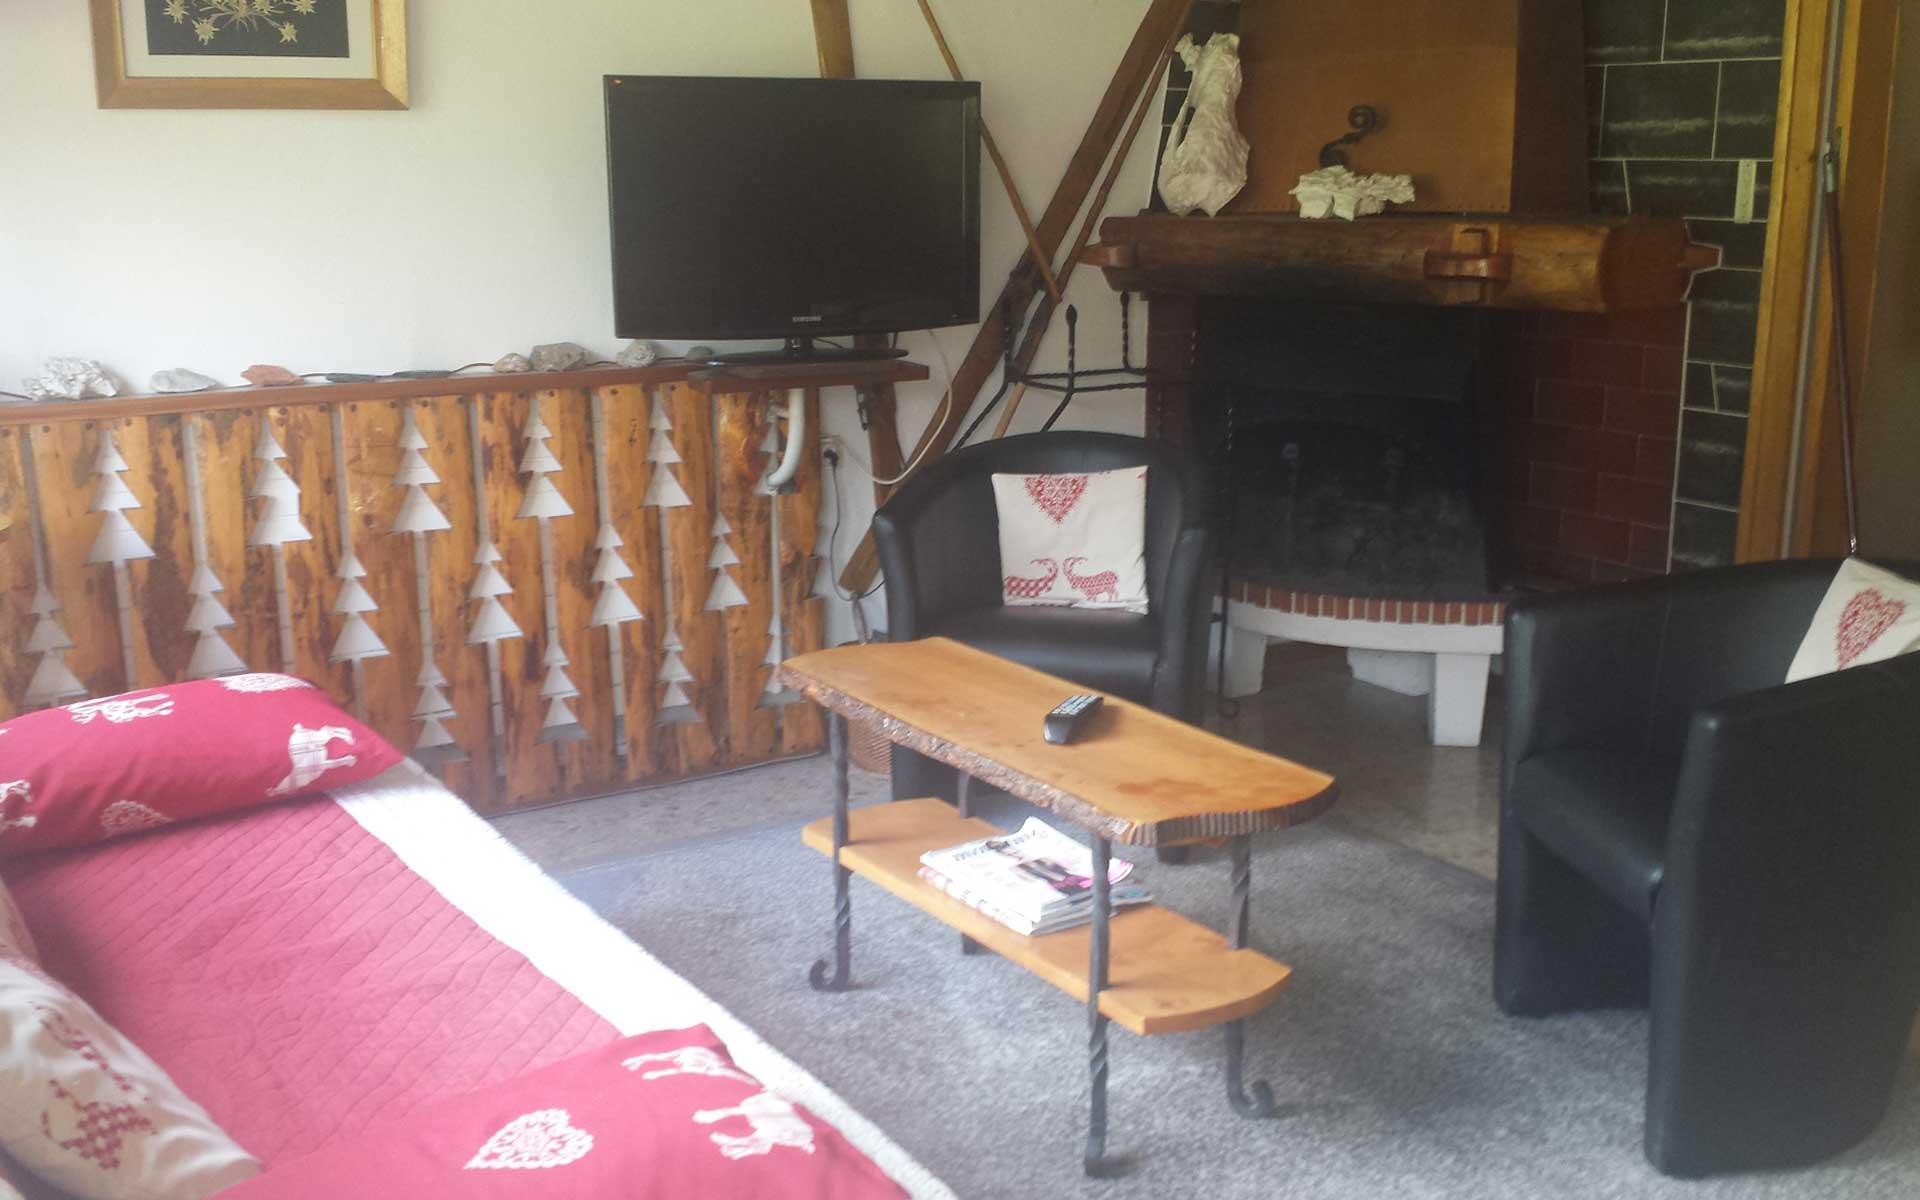 apparatement-25-les-cles-blanches-conciergerie-maintenance-location-appartements